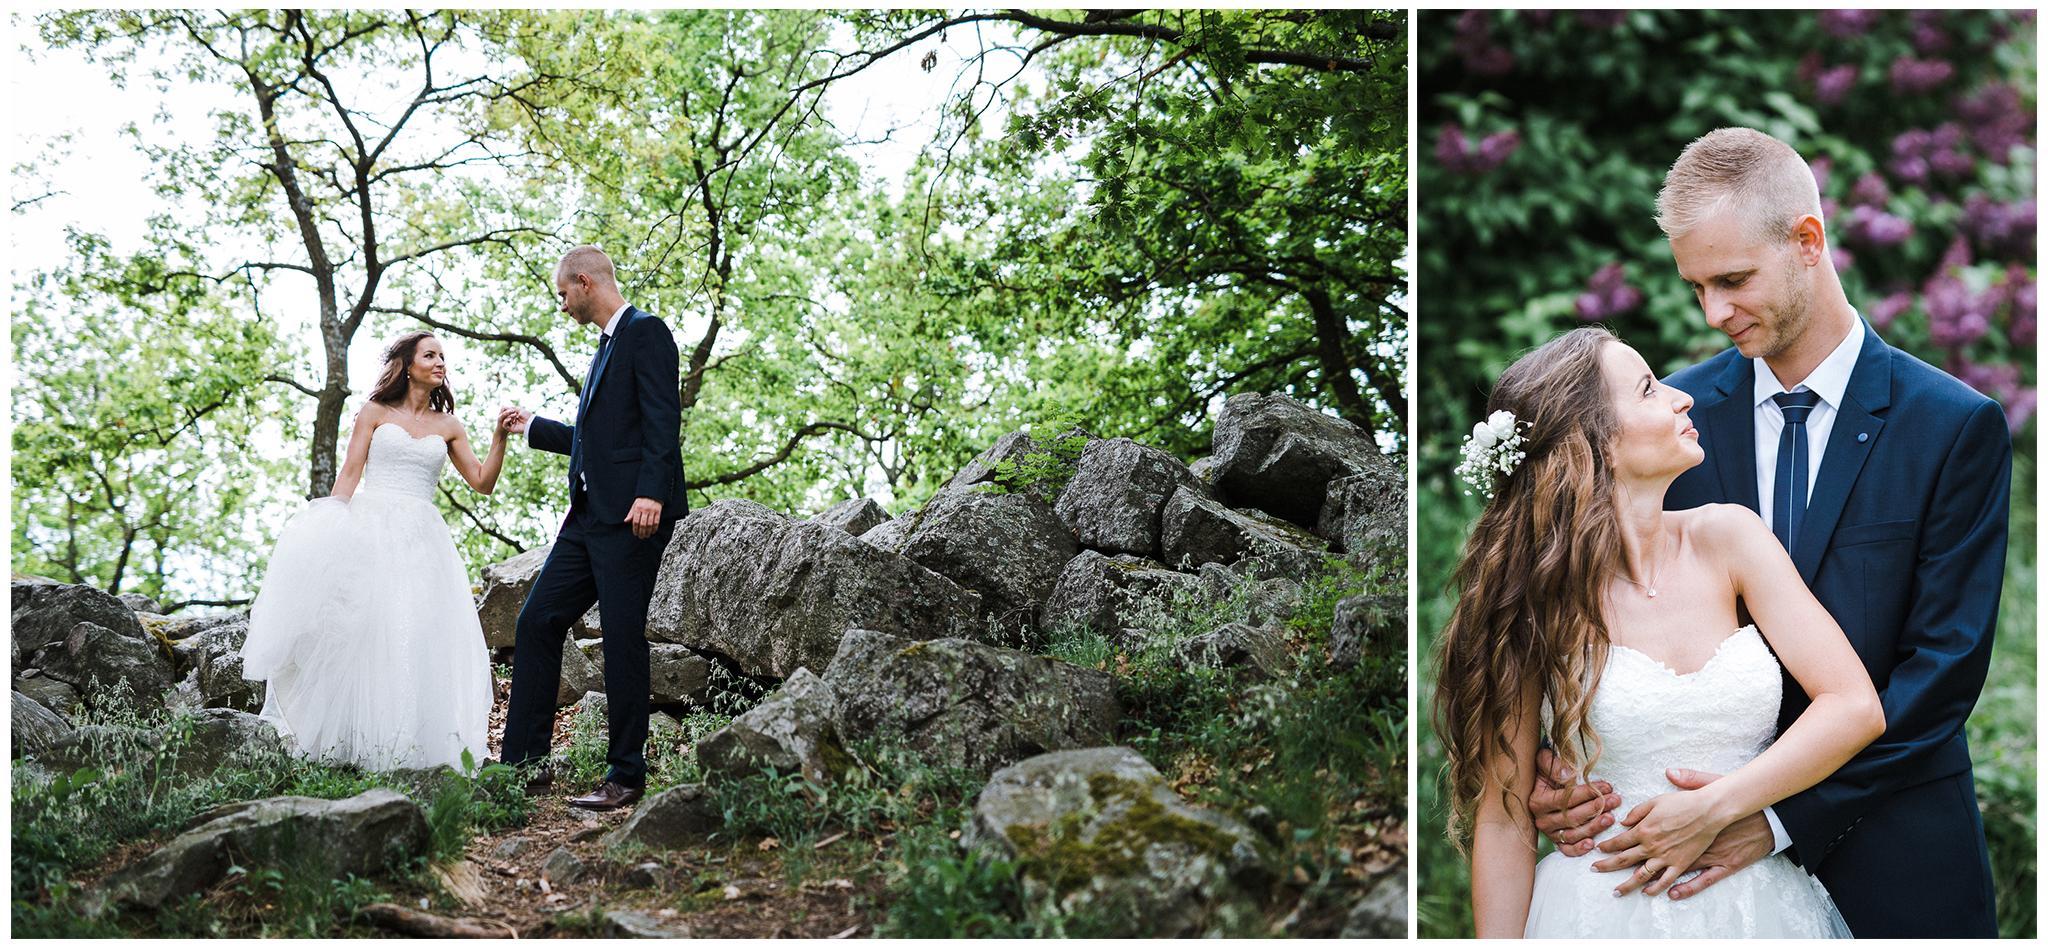 MONT_FylepPhoto, Esküvőfotós Vasmegye, Esküvő fotózás, Esküvői fotós, Körmend, Vas megye, Dunántúl, Budapest, Fülöp Péter, Jegyes fotózás, jegyes, kreatív, kreatívfotózás, Balaton_Réka&Peti,2018_008.jpg